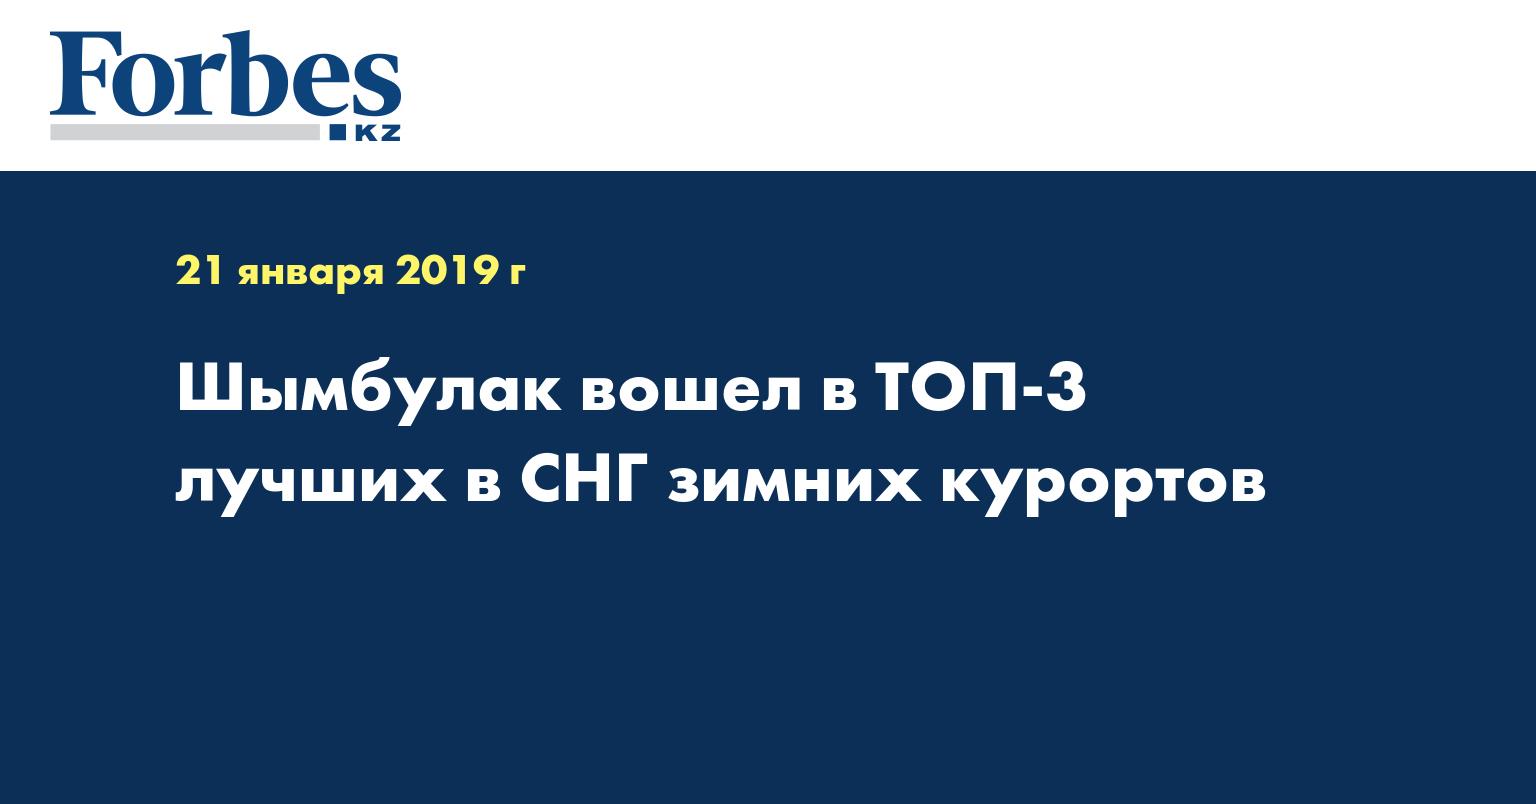 Шымбулак вошёл в топ-3 лучших в СНГ зимних курортов